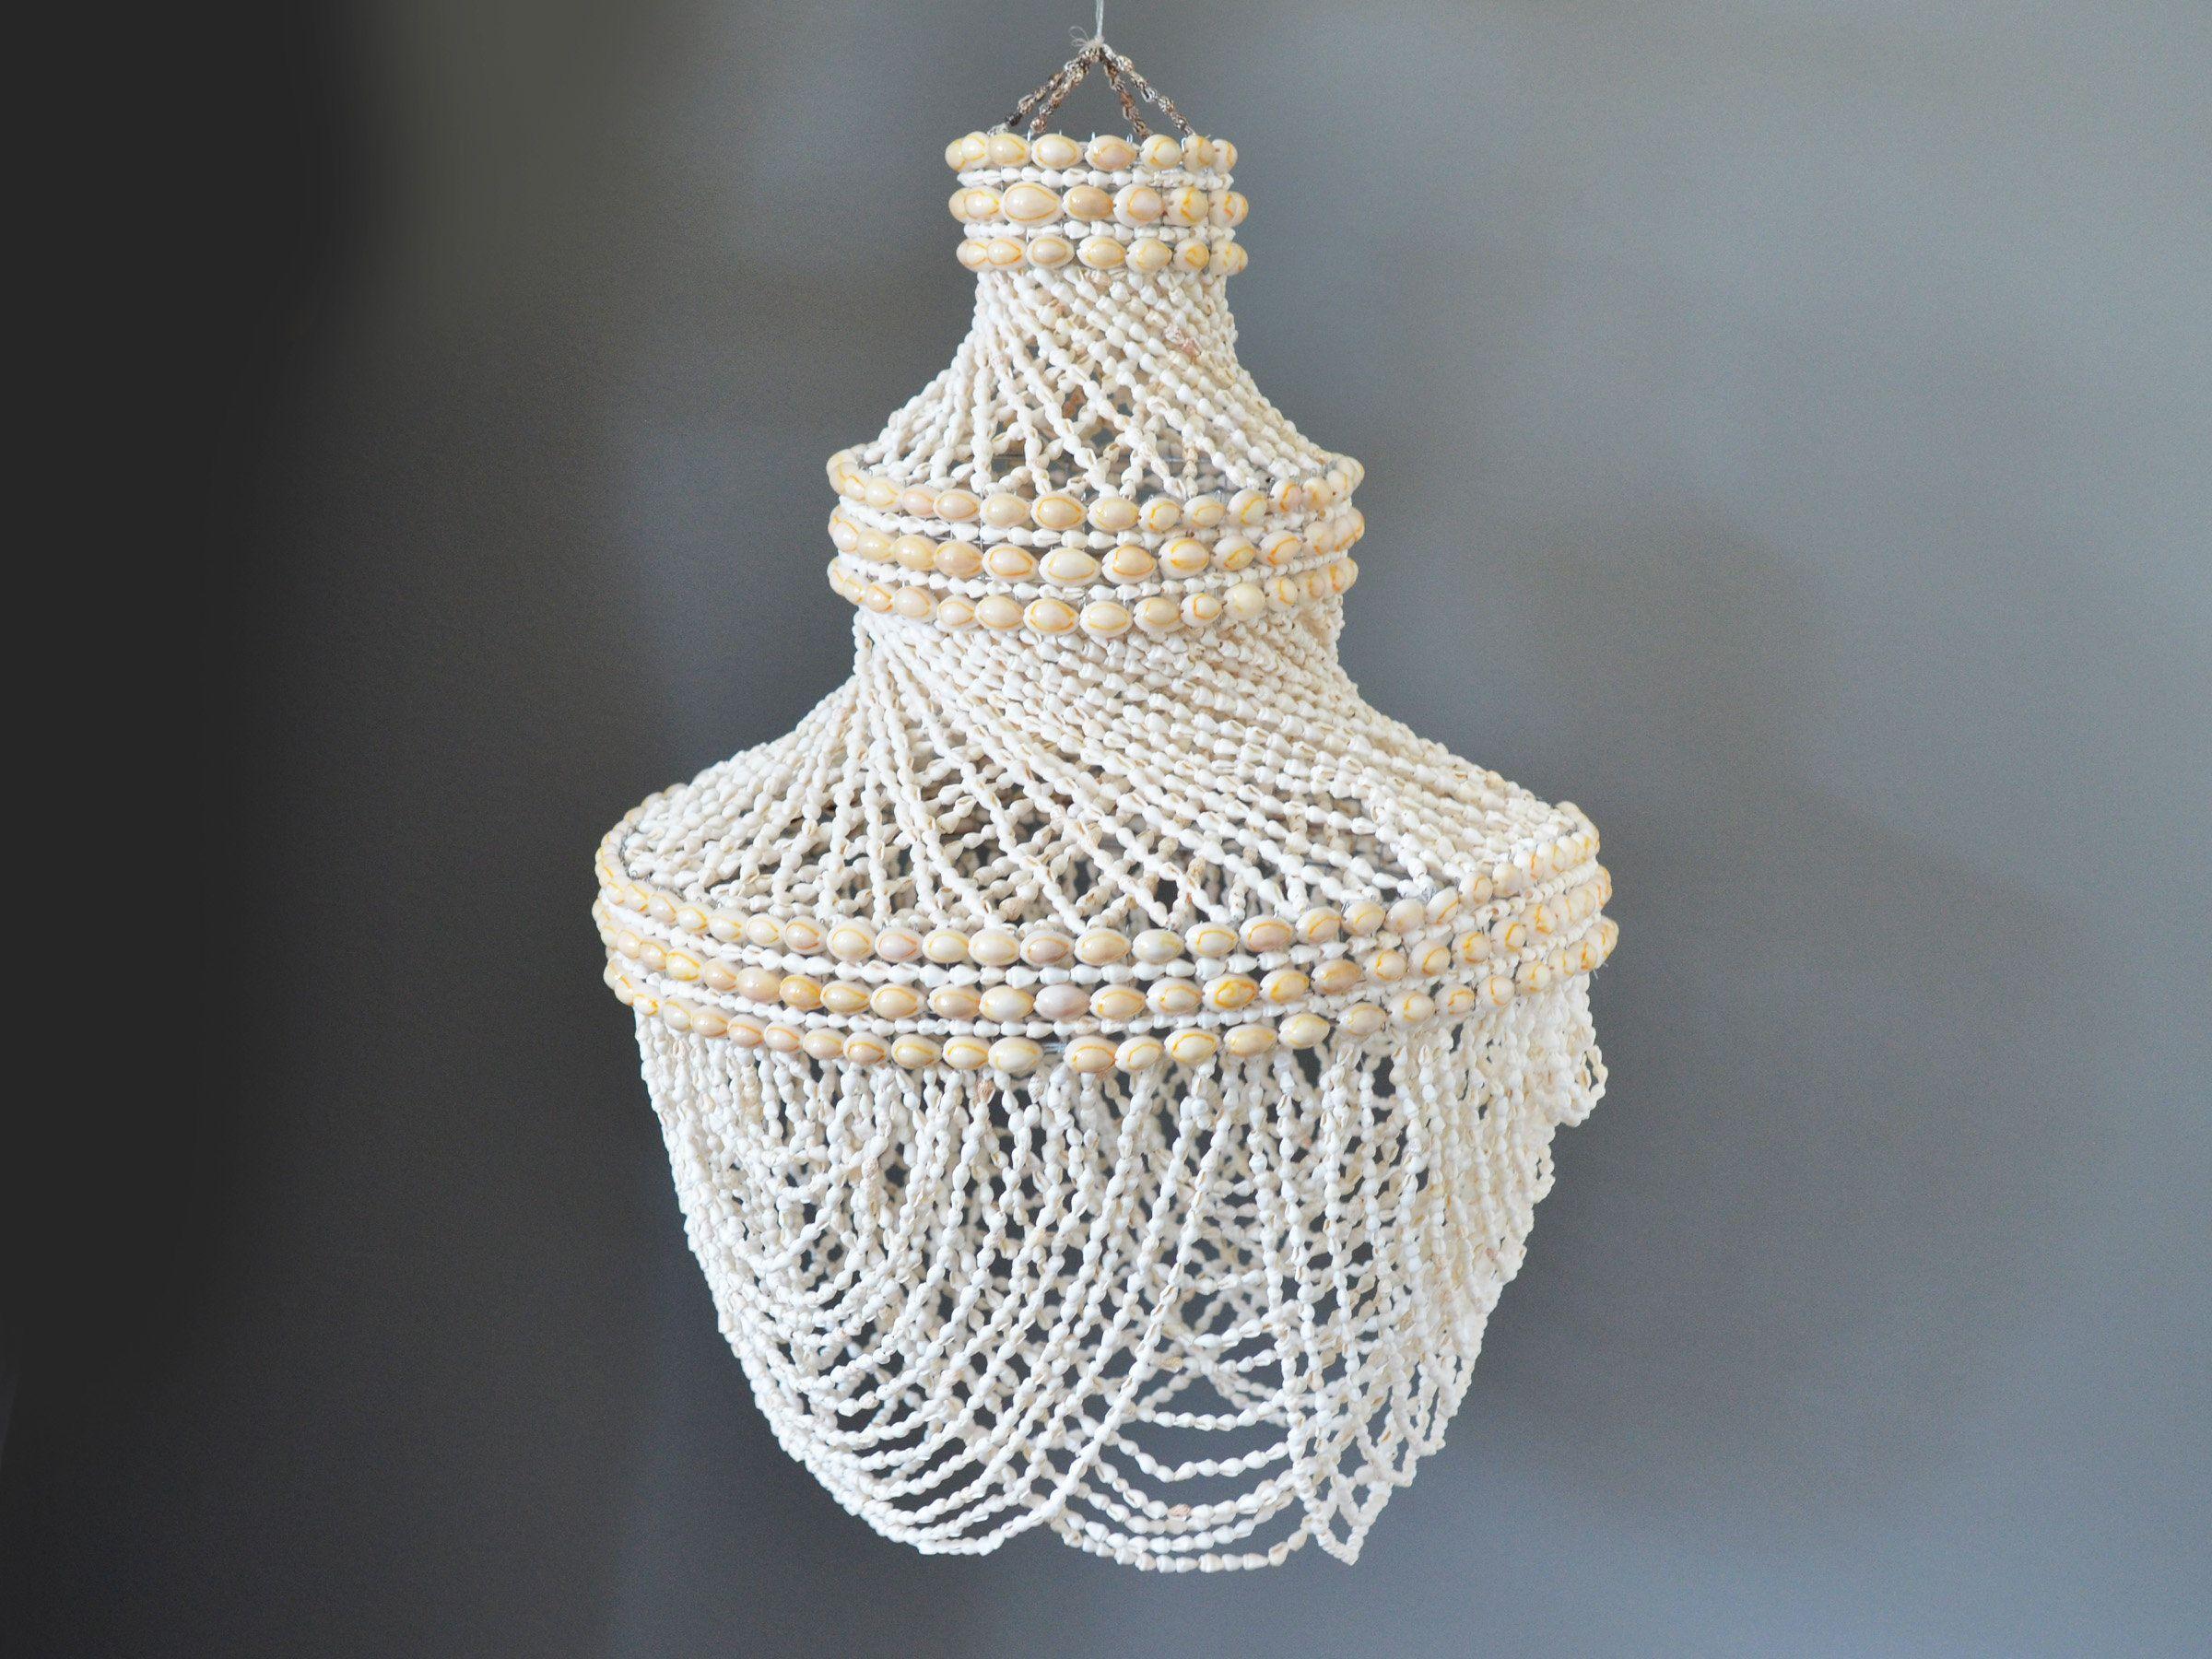 Vintage Shell Chandelier 25 Tall Puka Or Cowrie Shells Boho Home Decor Beach House Decor Boho Hangi Shell Chandelier Chandelier Glass Pedestal Cake Stand